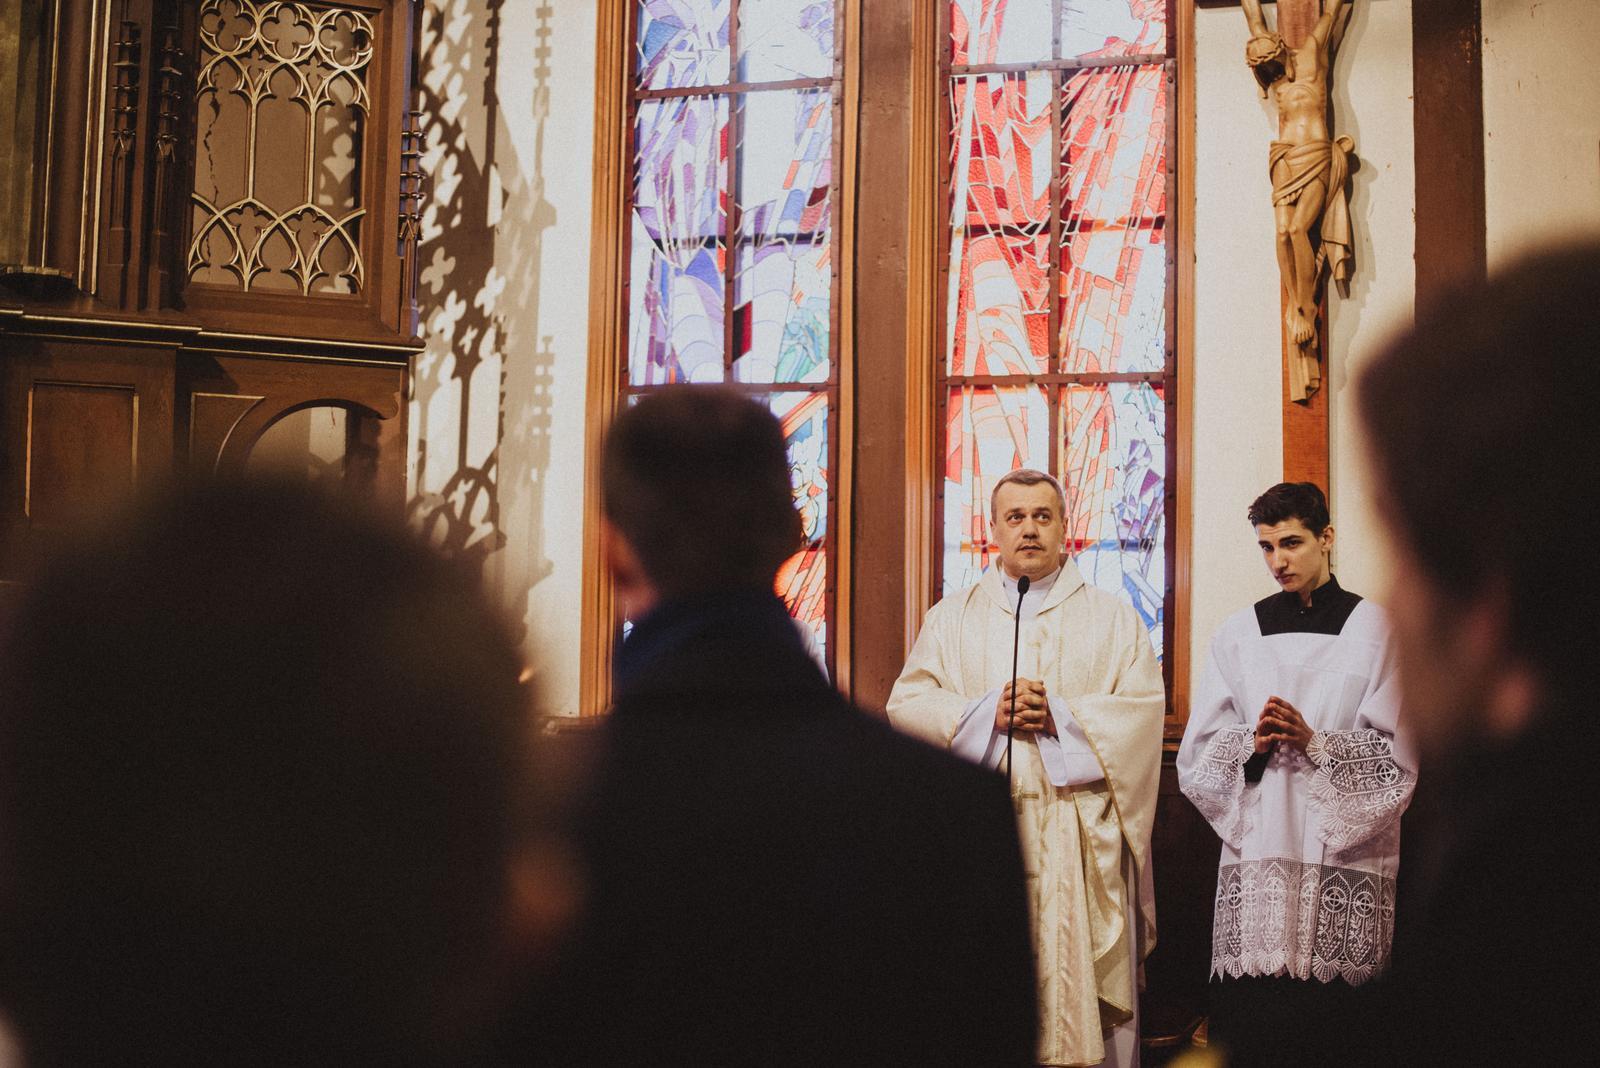 Tatranská zimná svadba - môj najobĺubenejší farár. vďaka nemu som na vieru, po mnohých peripetiách nezanevrela. výnimočný človek.